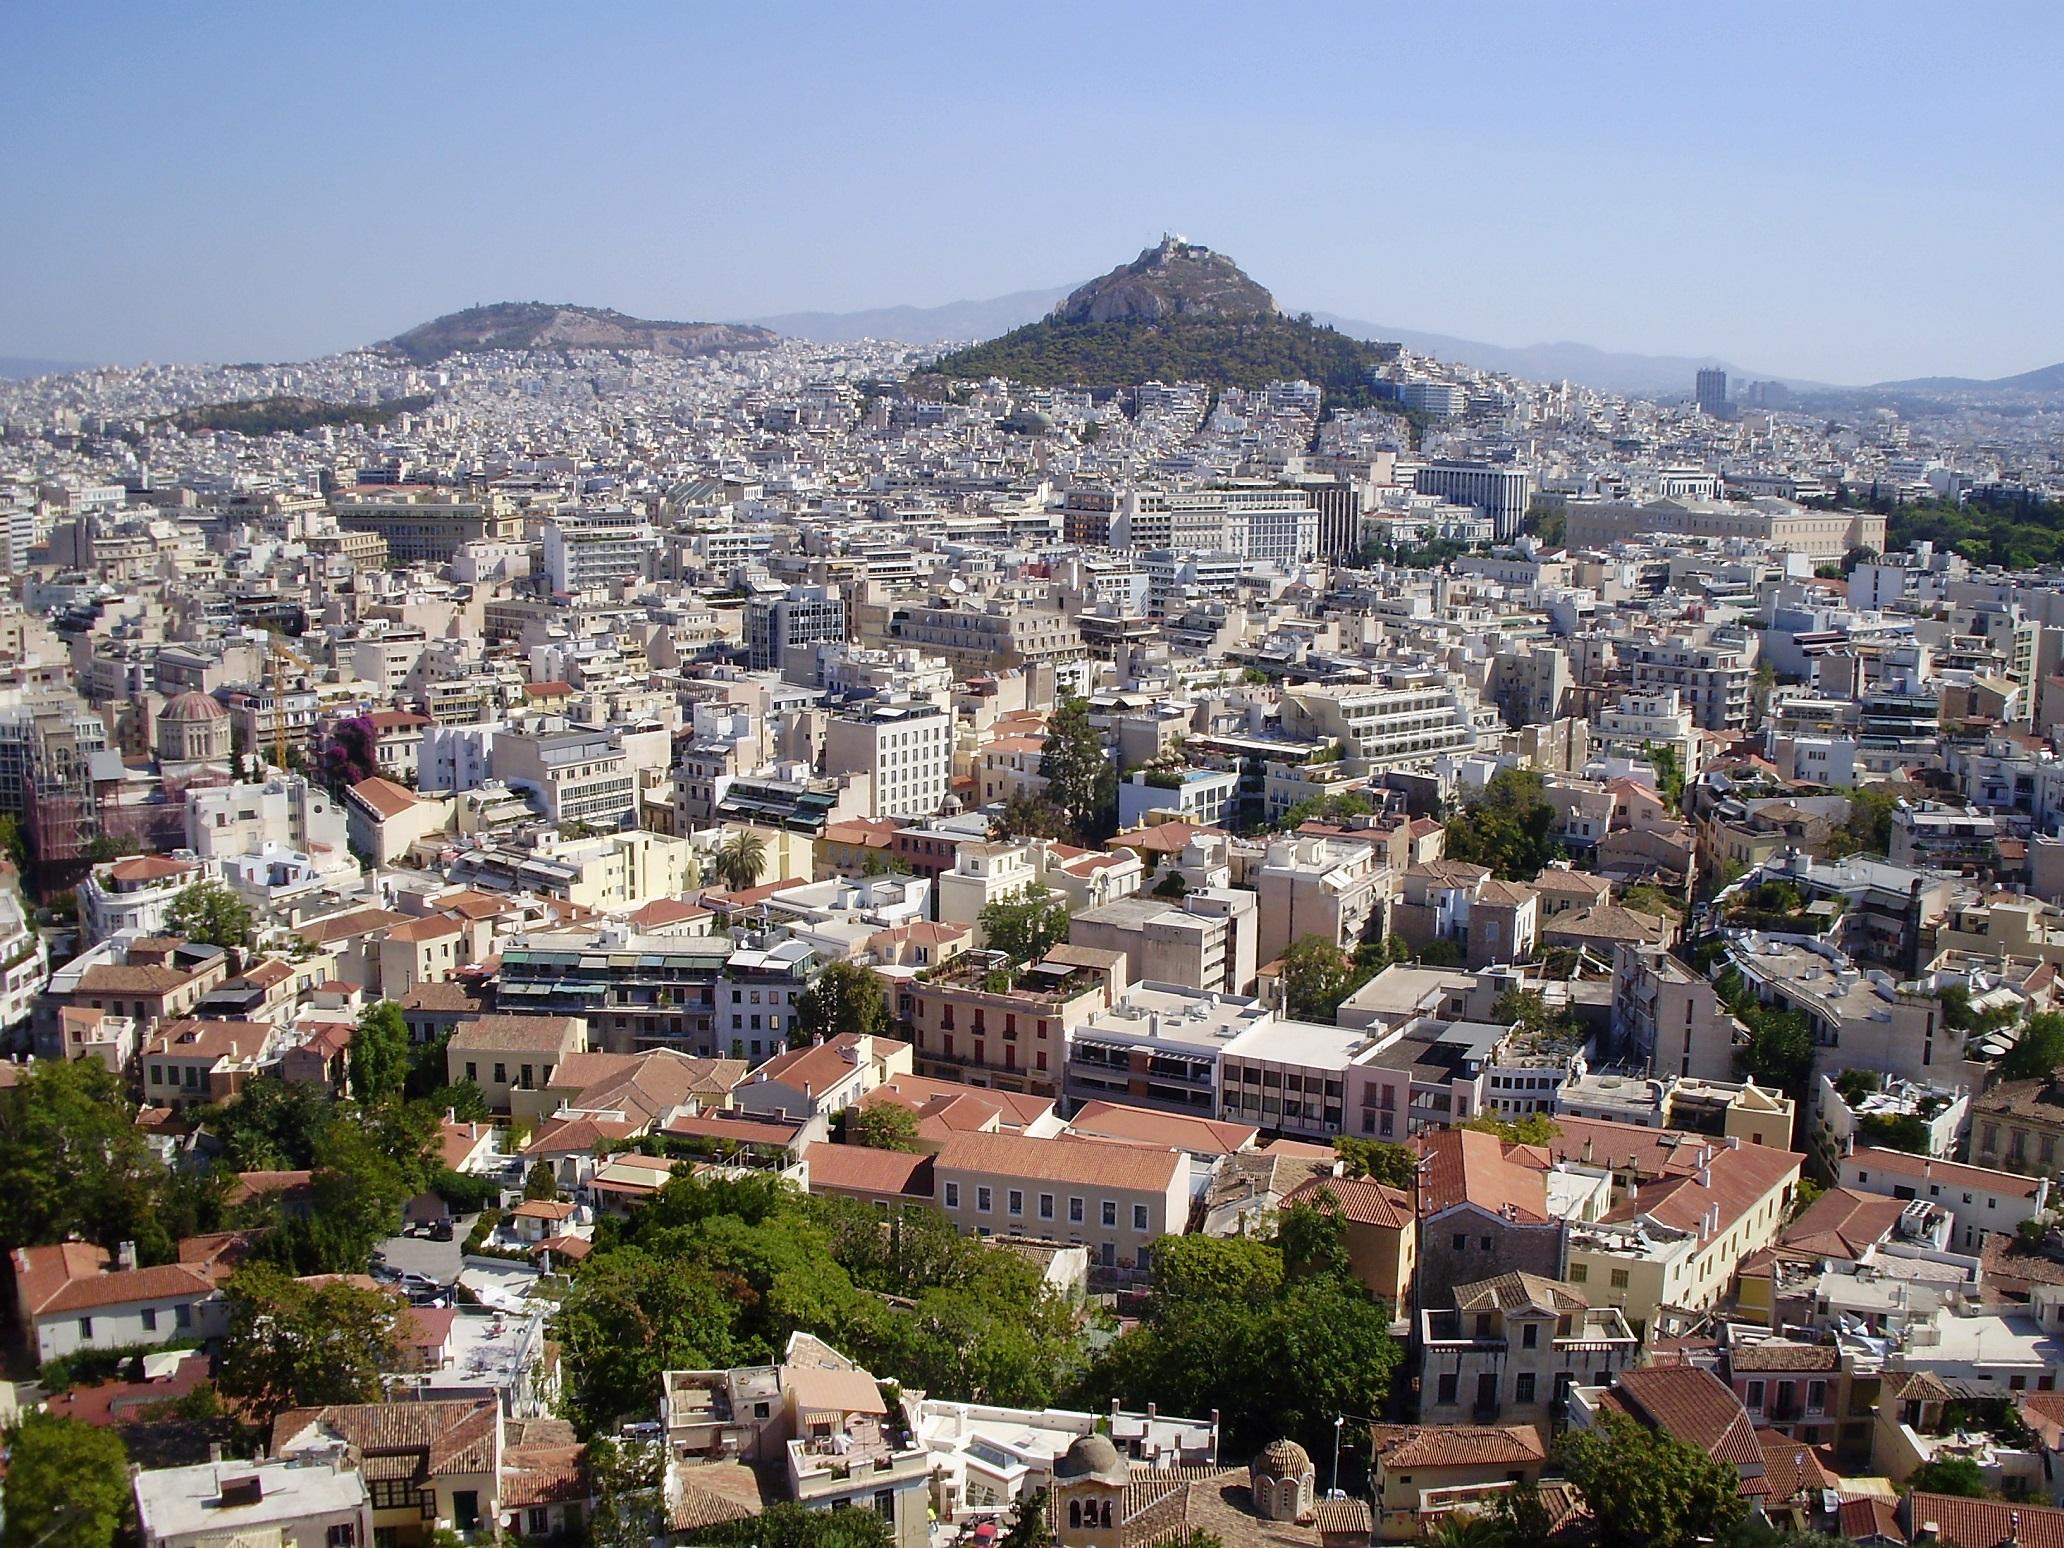 Atenas en la vuelta al Mediterráneo en crucero